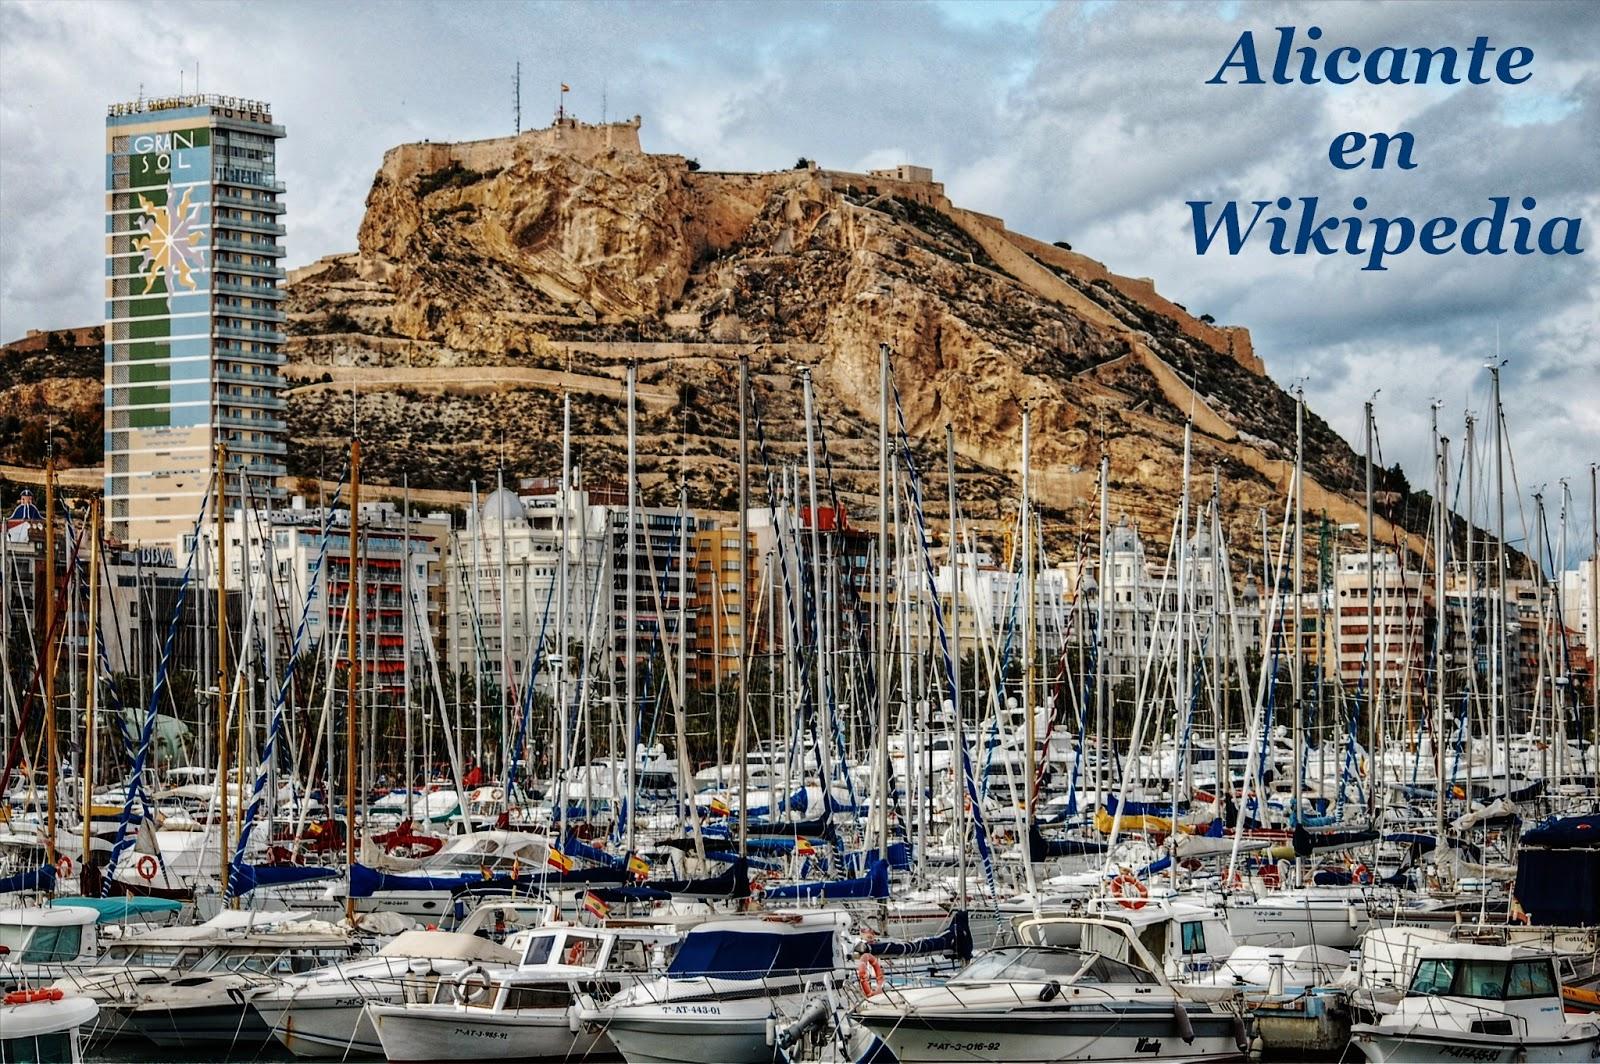 http://es.wikipedia.org/wiki/Alicante